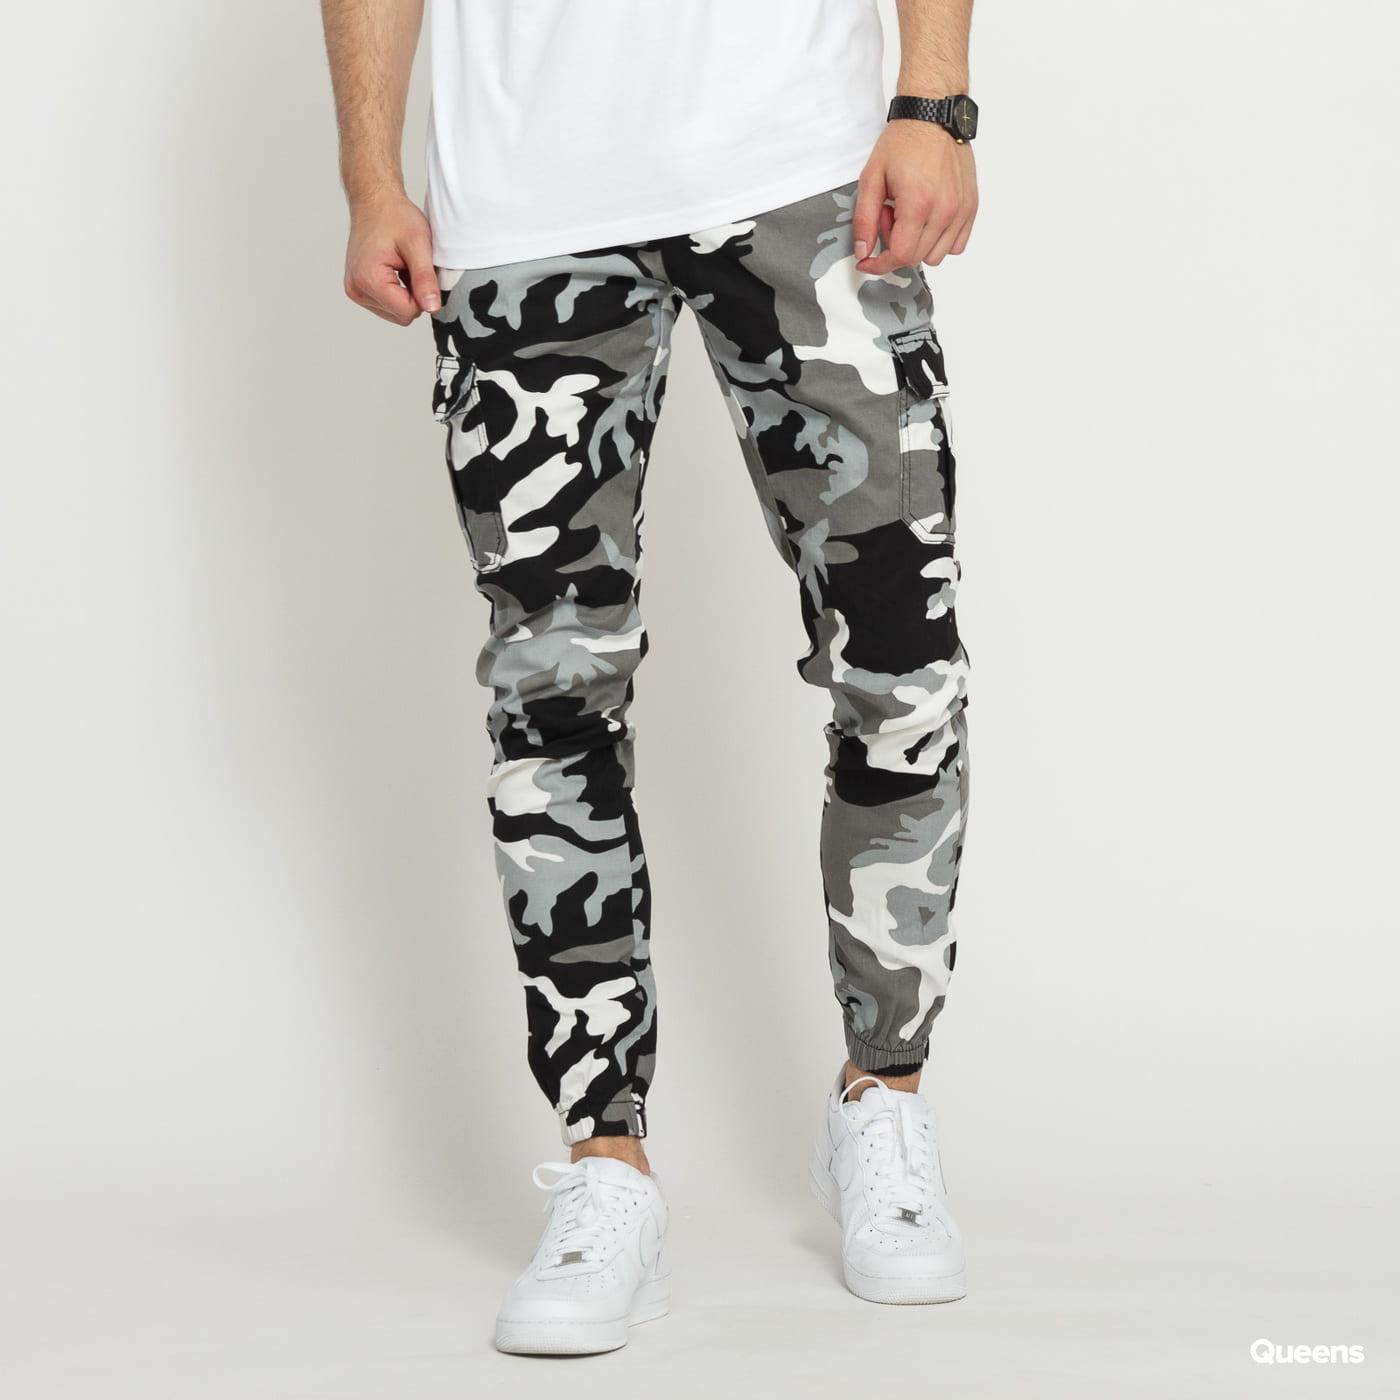 Urban Classics Camo Cargo Jogging Pants 2.0 camo šedé / biele / čierne